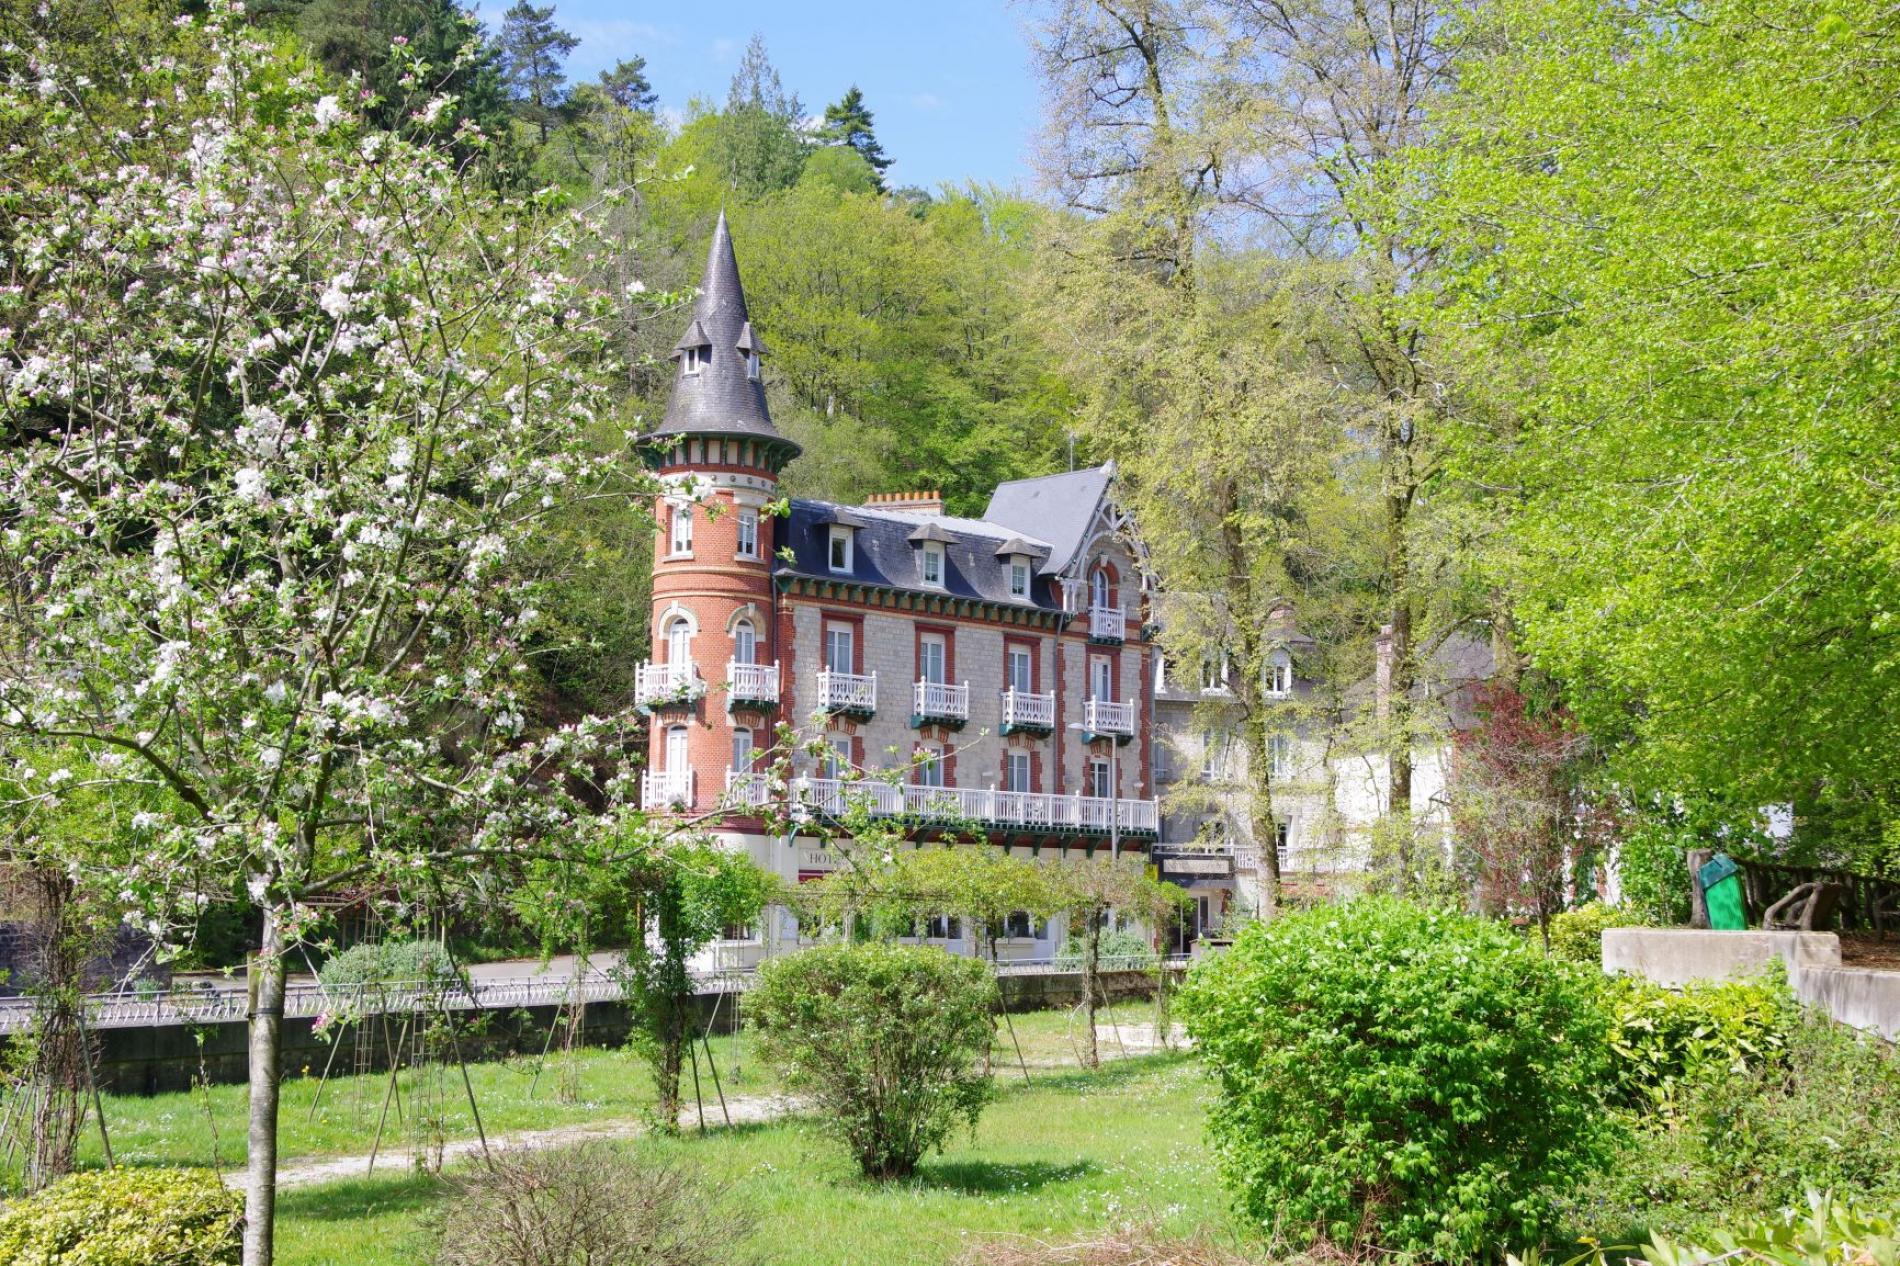 Hôtel SPA Le Roc au chien, vue du parc des thermes, Bagnoles de l'Orne Normandie